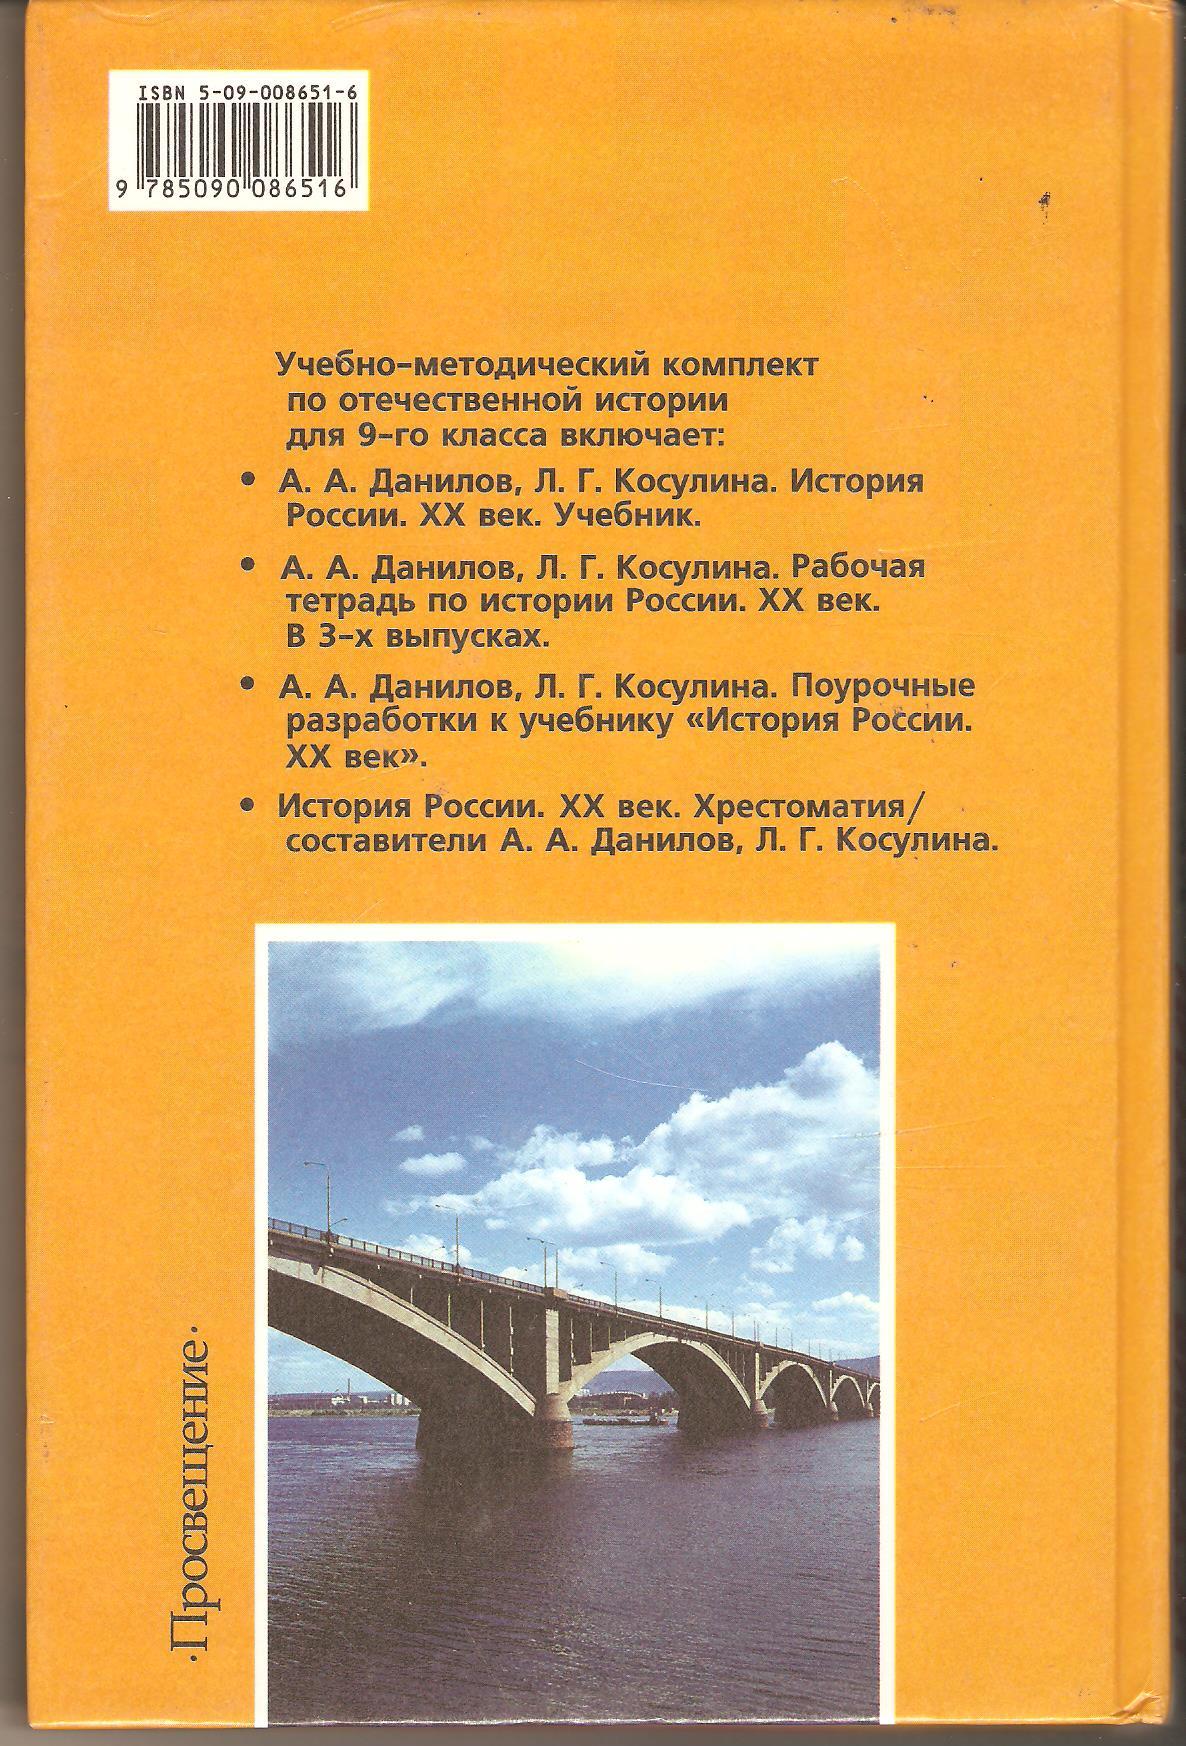 Данилов. История России ХХ век 002.jpg